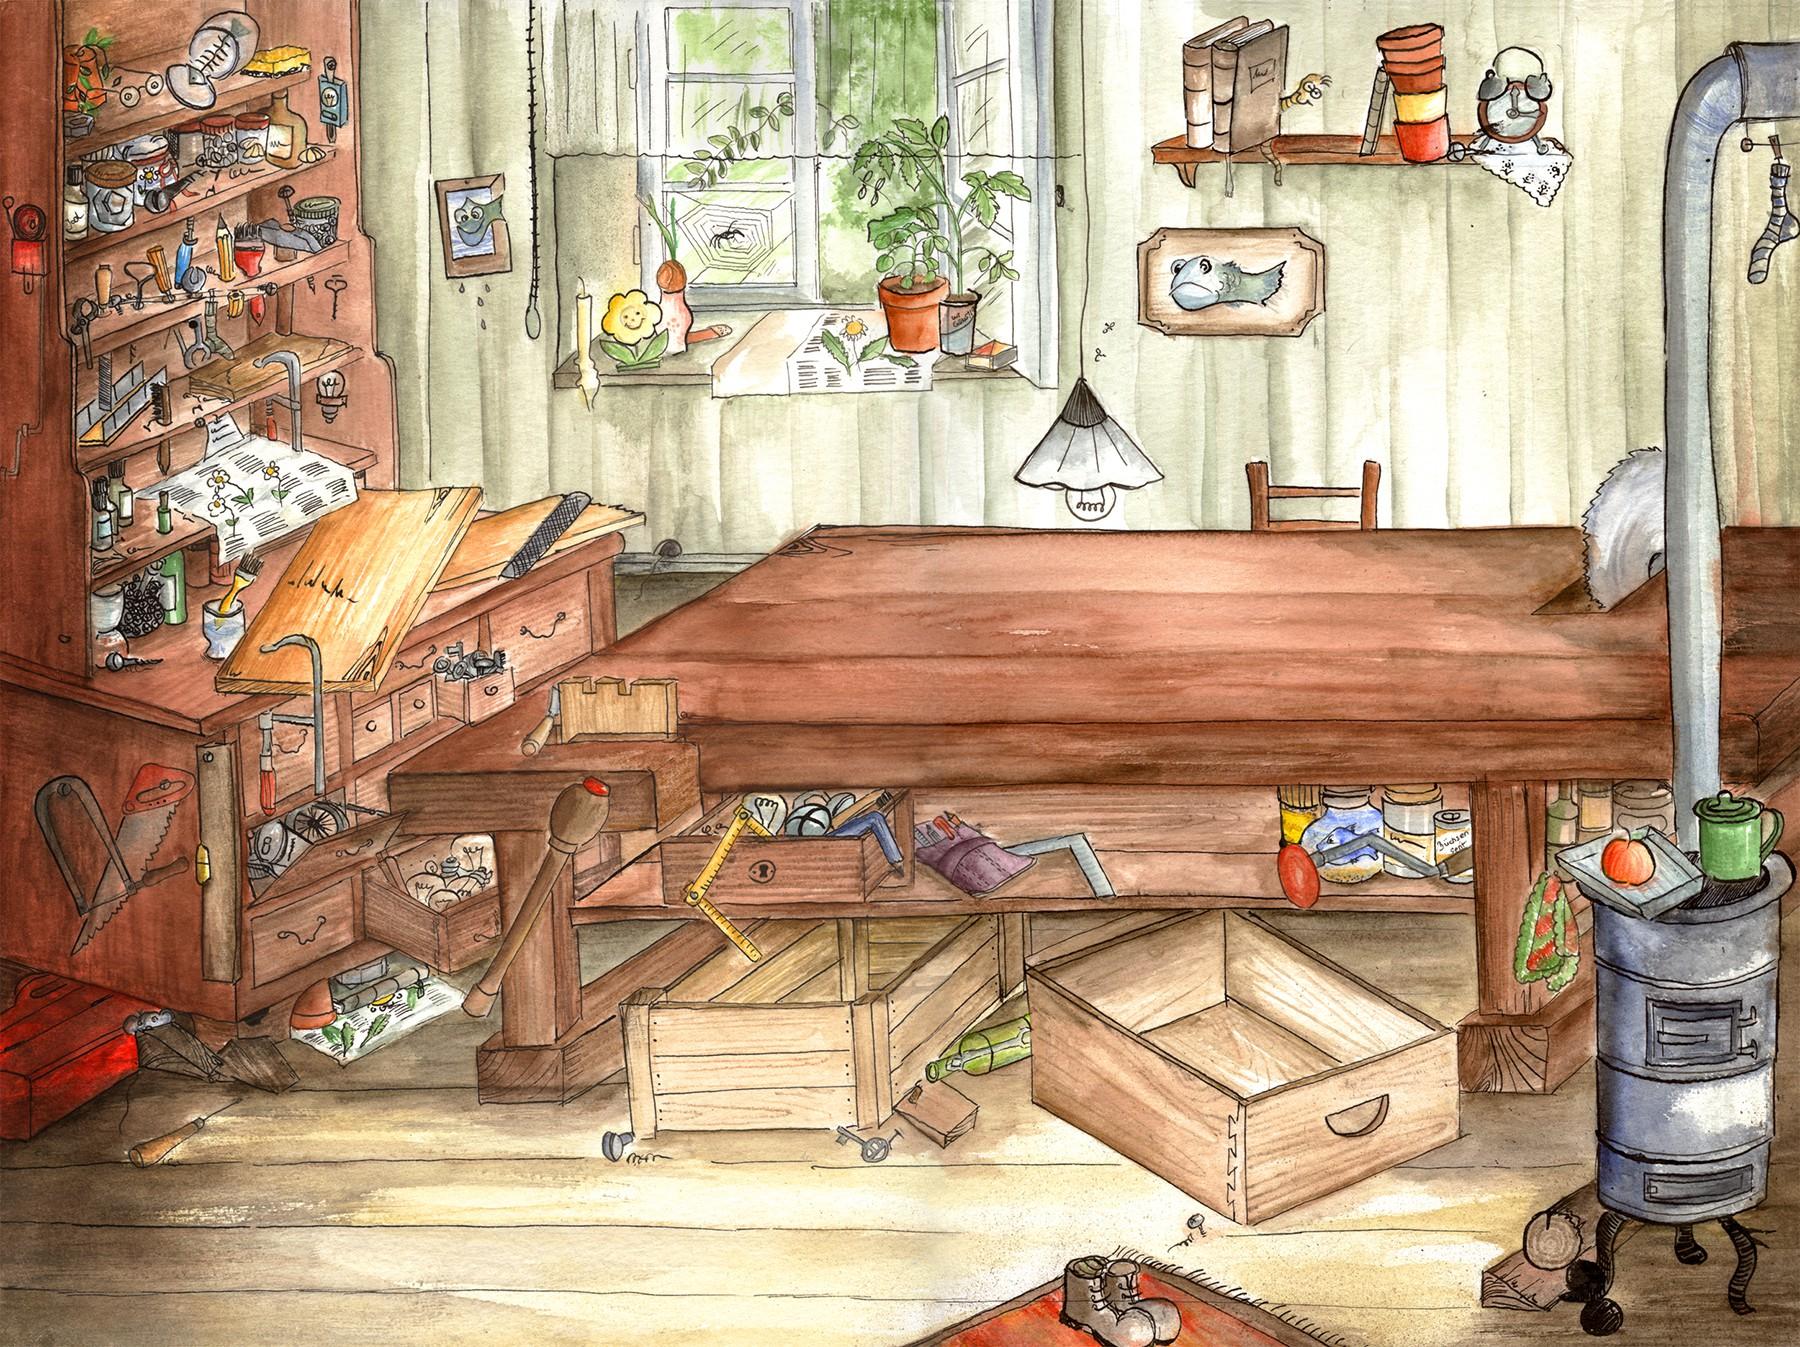 Introbild für das Projekt Felix & Felicitas - Der Kistenmacher